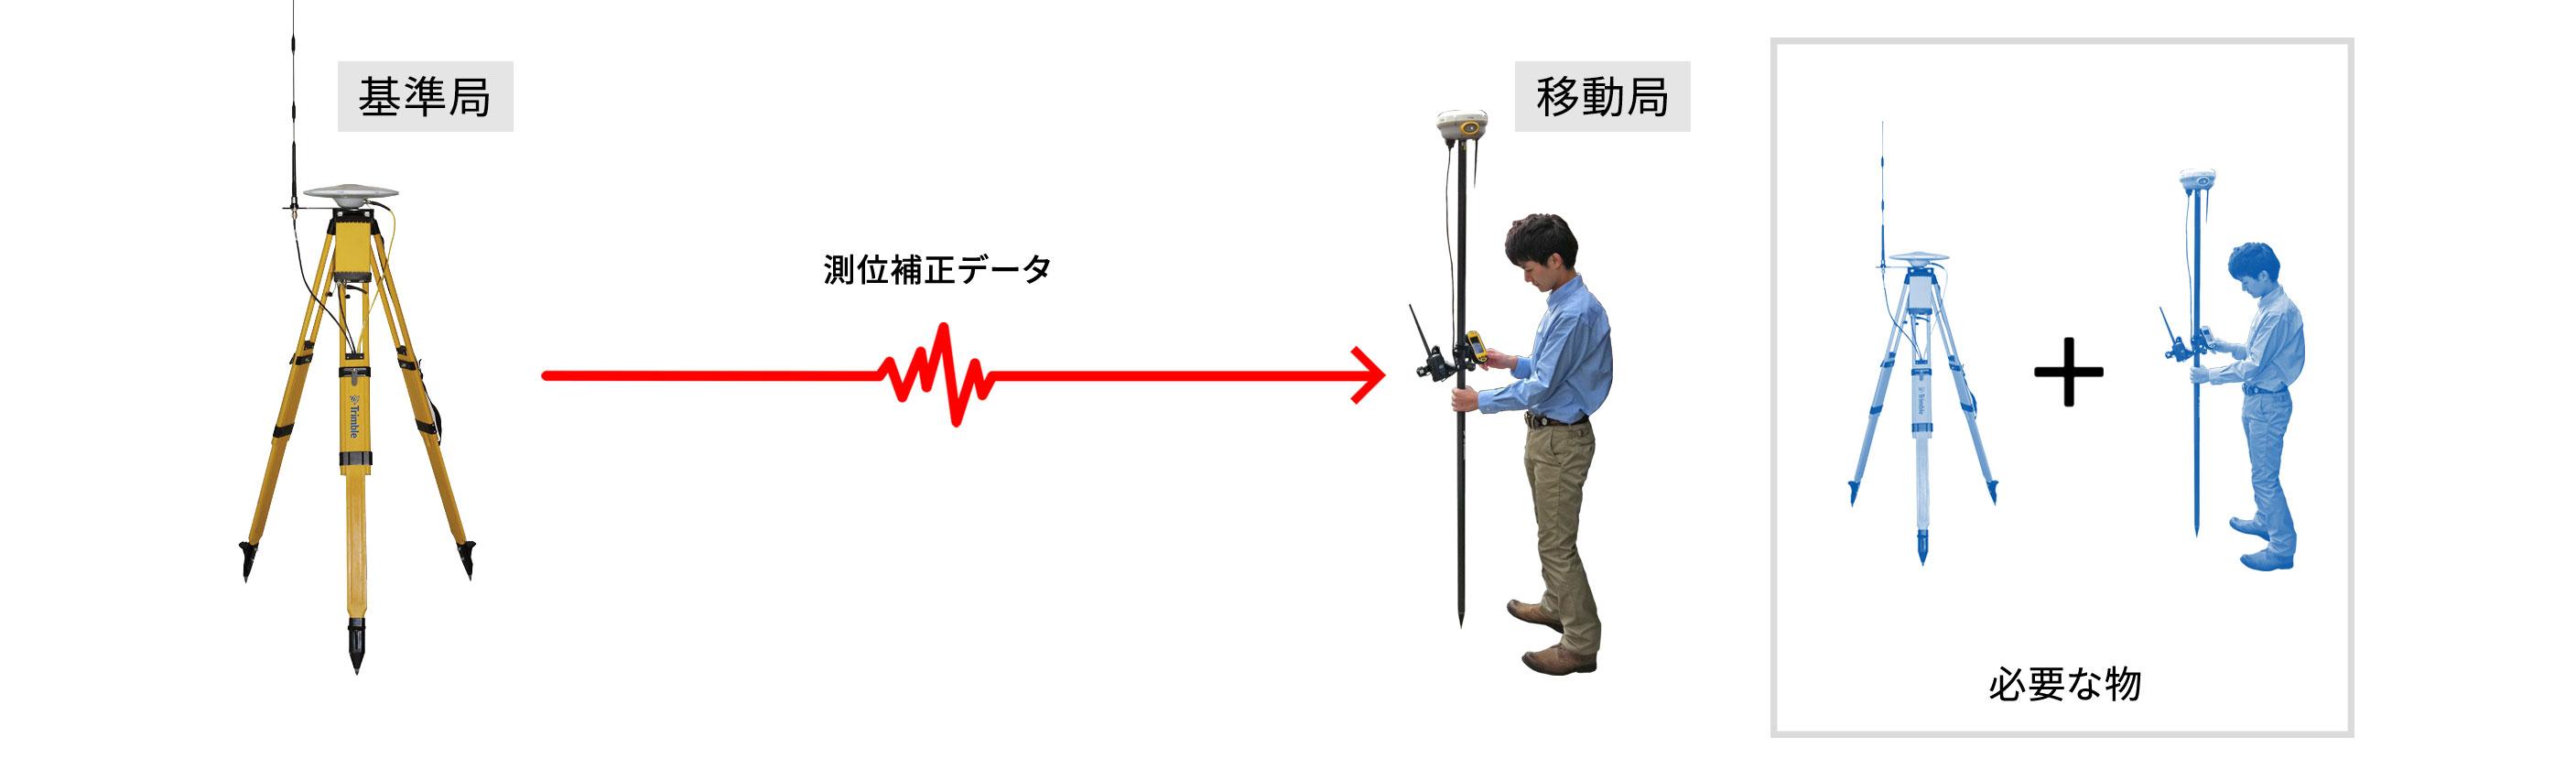 従来の基準局、移動局2セットの受信機(及びアンテナ)を必要としたRTK観測